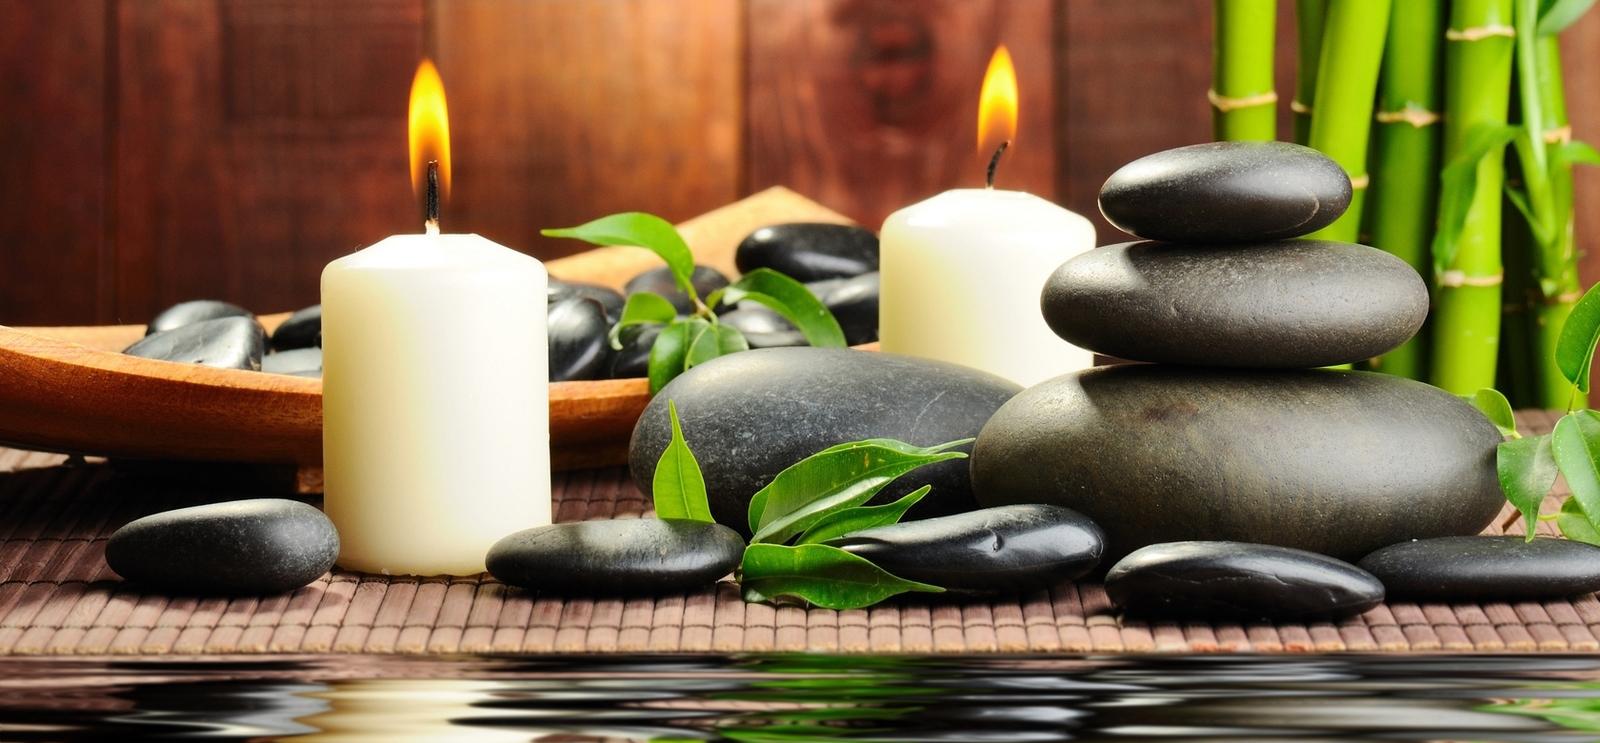 Meditazione e Yoga. Centro estetico Estetica Francesca a Bioggio - Lugano (Svizzera)